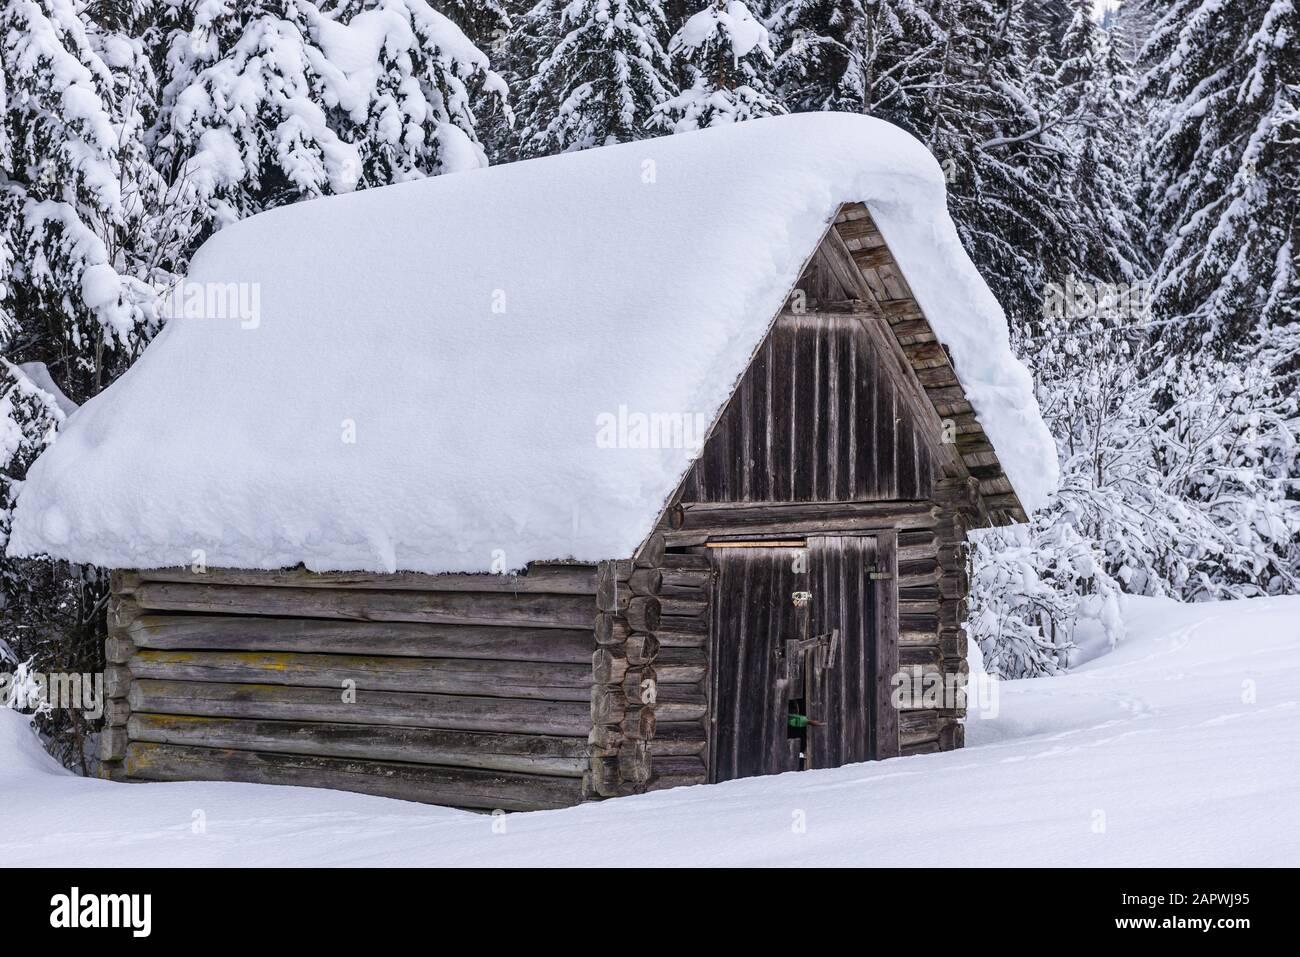 Cobertizo de madera, con el telón de fondo de montañas y árboles nevados. Paisaje alpino de invierno en Austria. Fondo hermoso y natural. Foto de stock